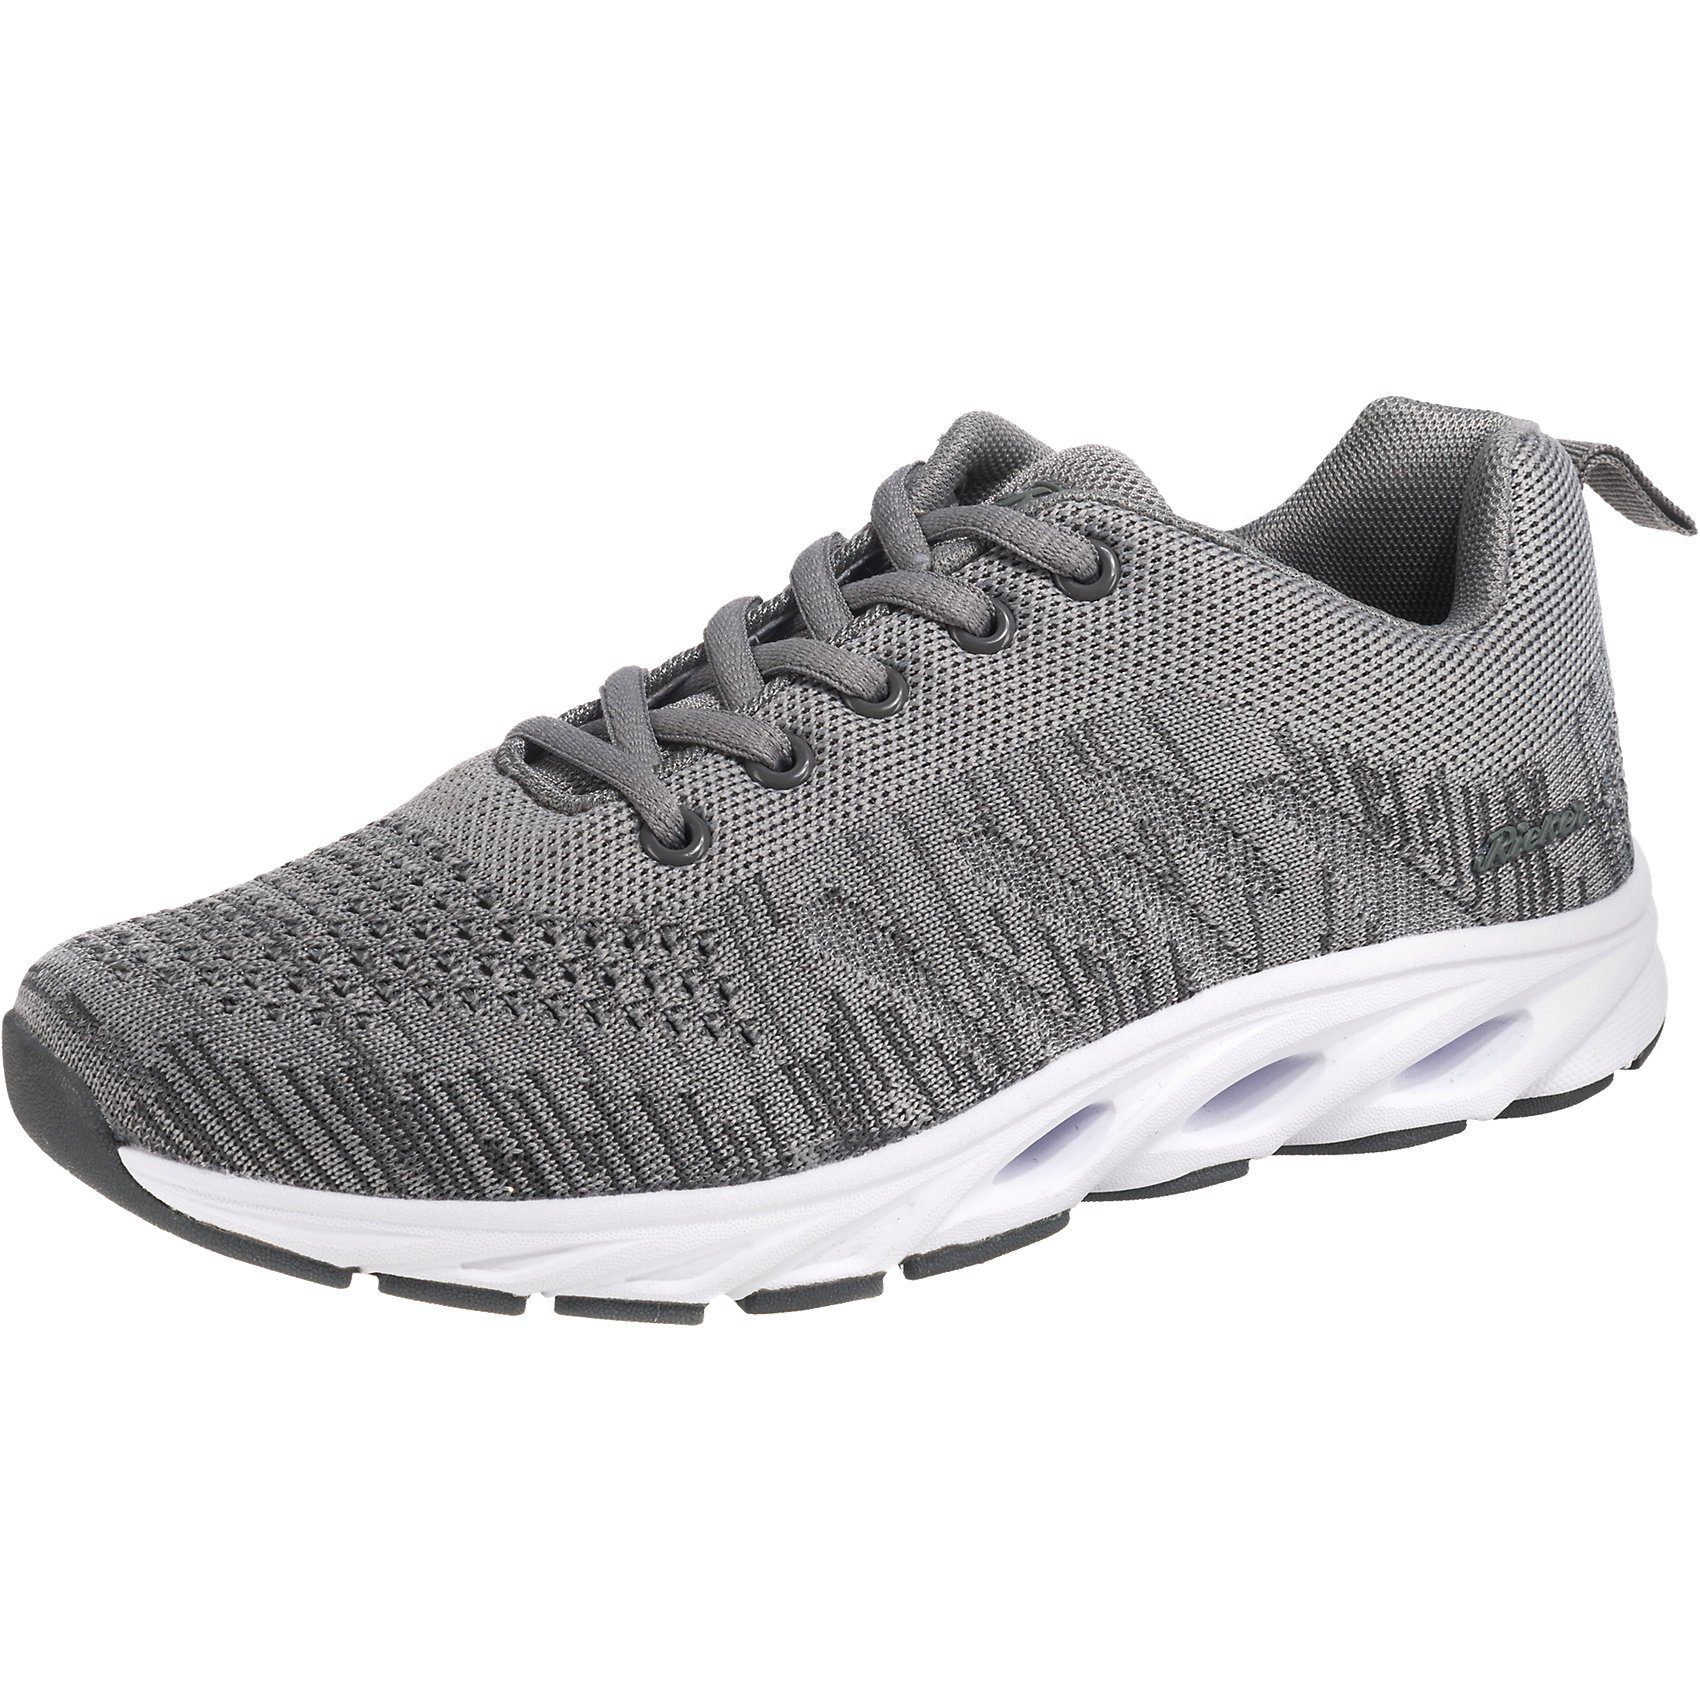 rieker Knitup18 Sneakers Low online kaufen  grau